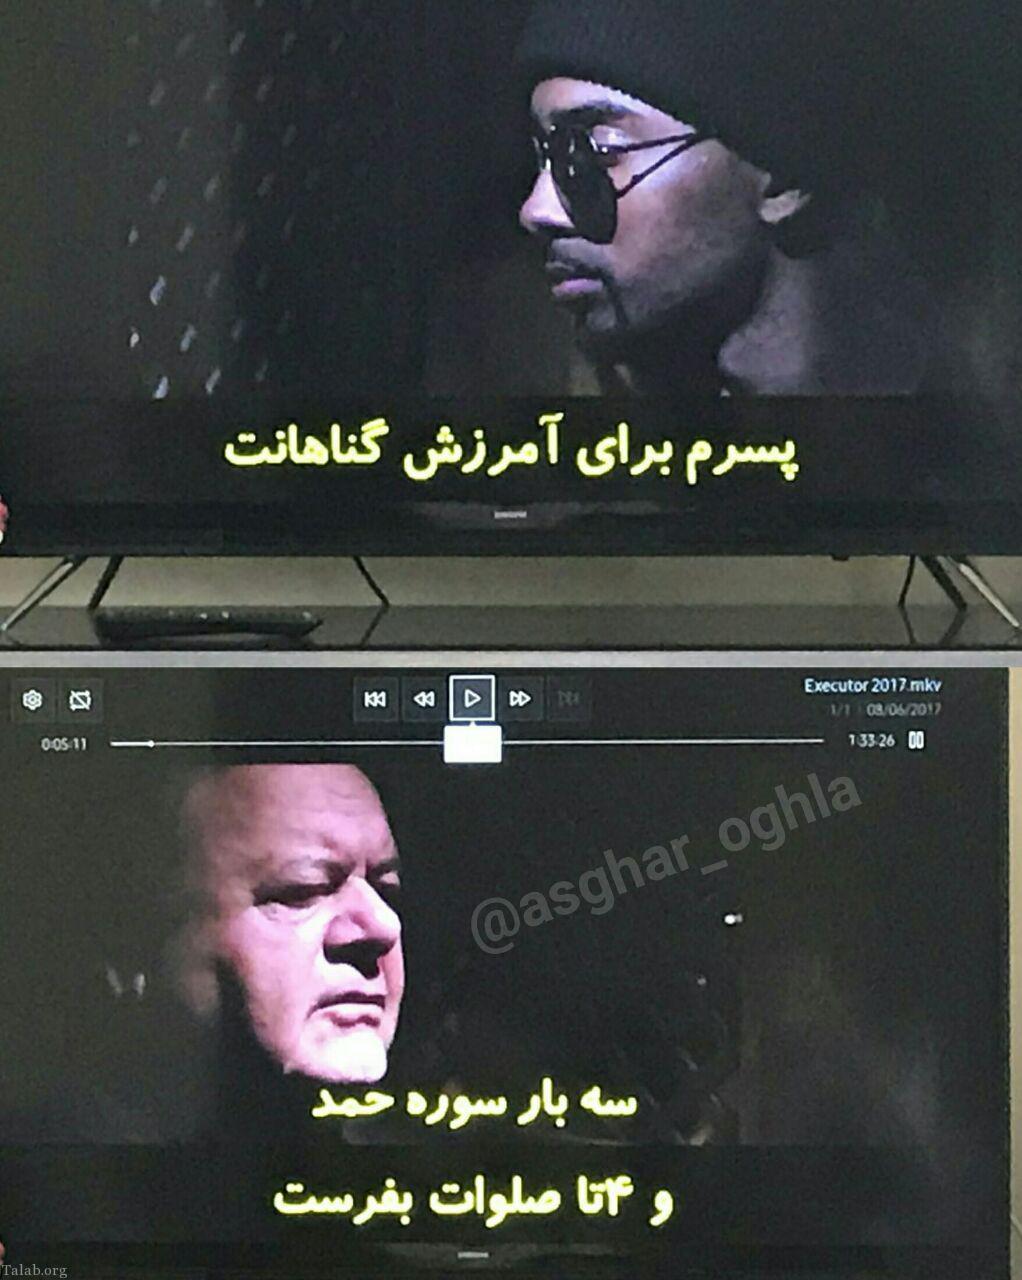 عکس های خنده دار و بامزه ایران و جهان (61)